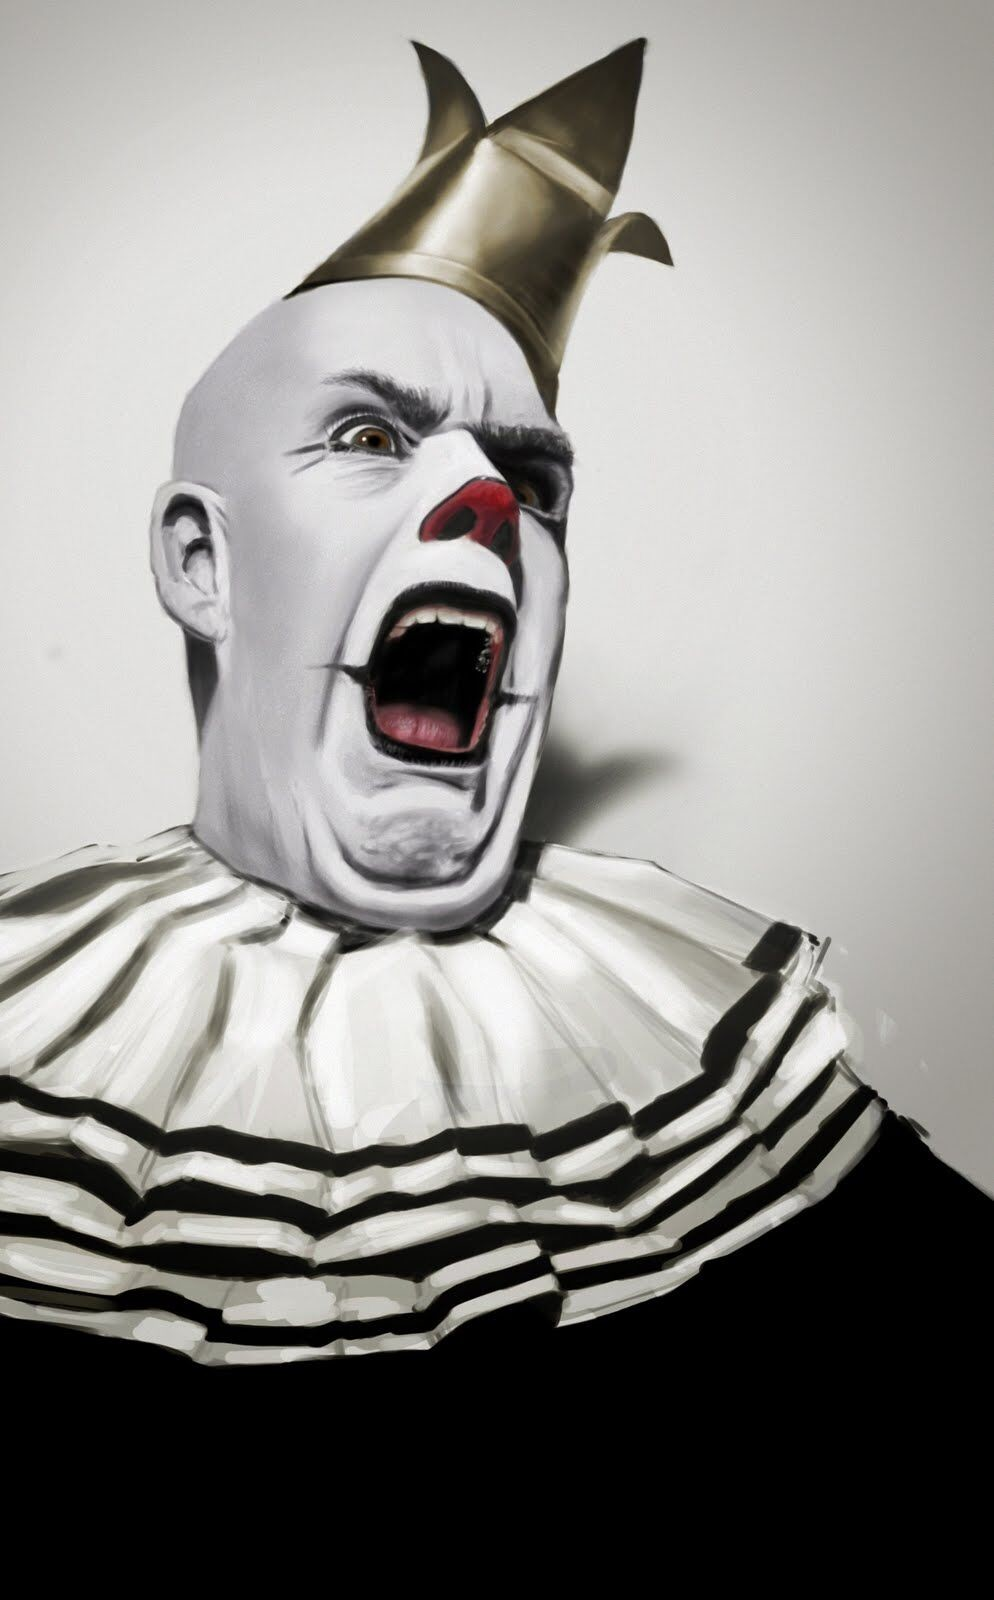 Ruben valente clown